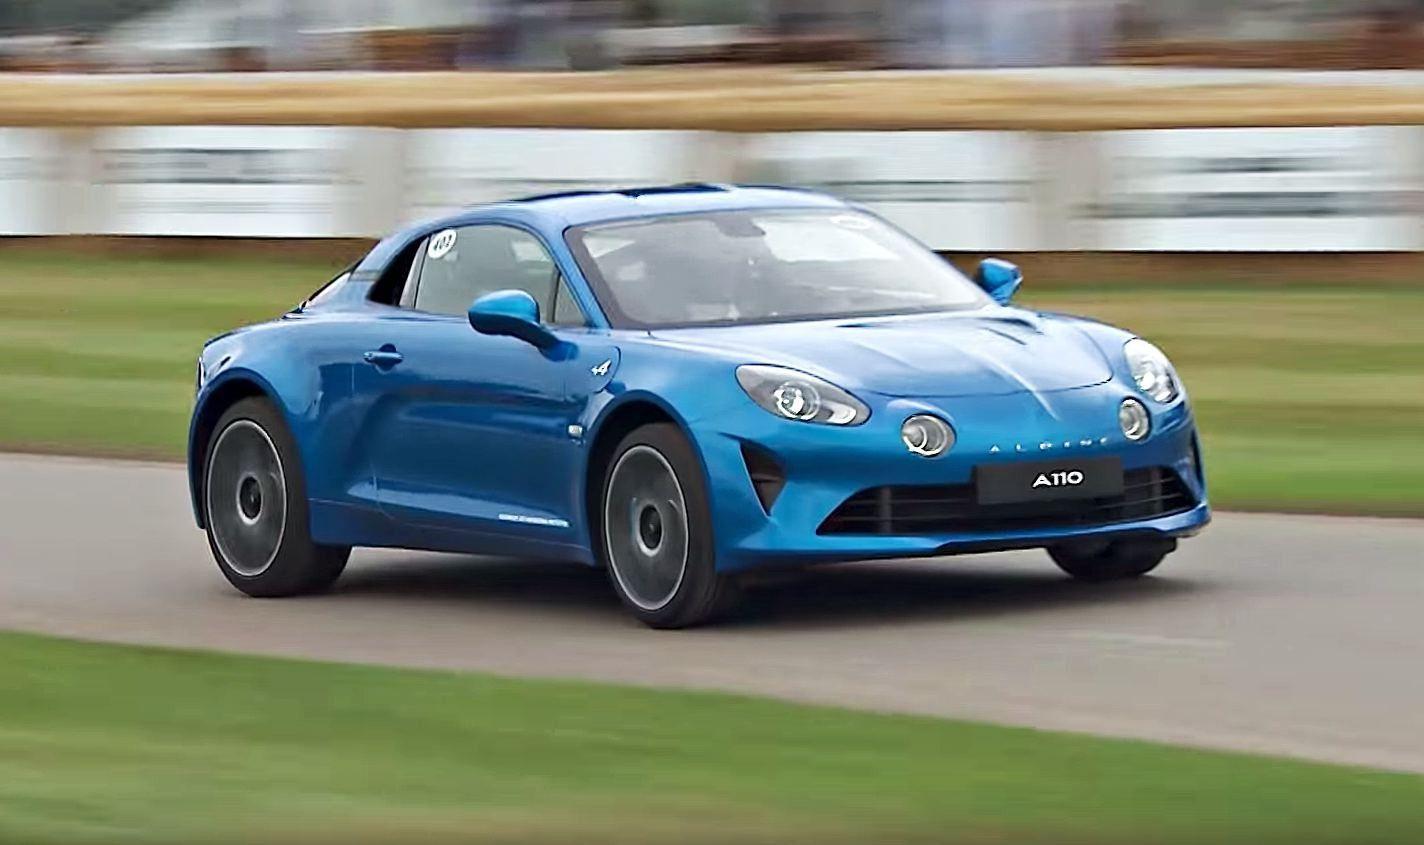 Эксперты назвали ТОП-3 самых красивых автомобилей в мире в 2017 году